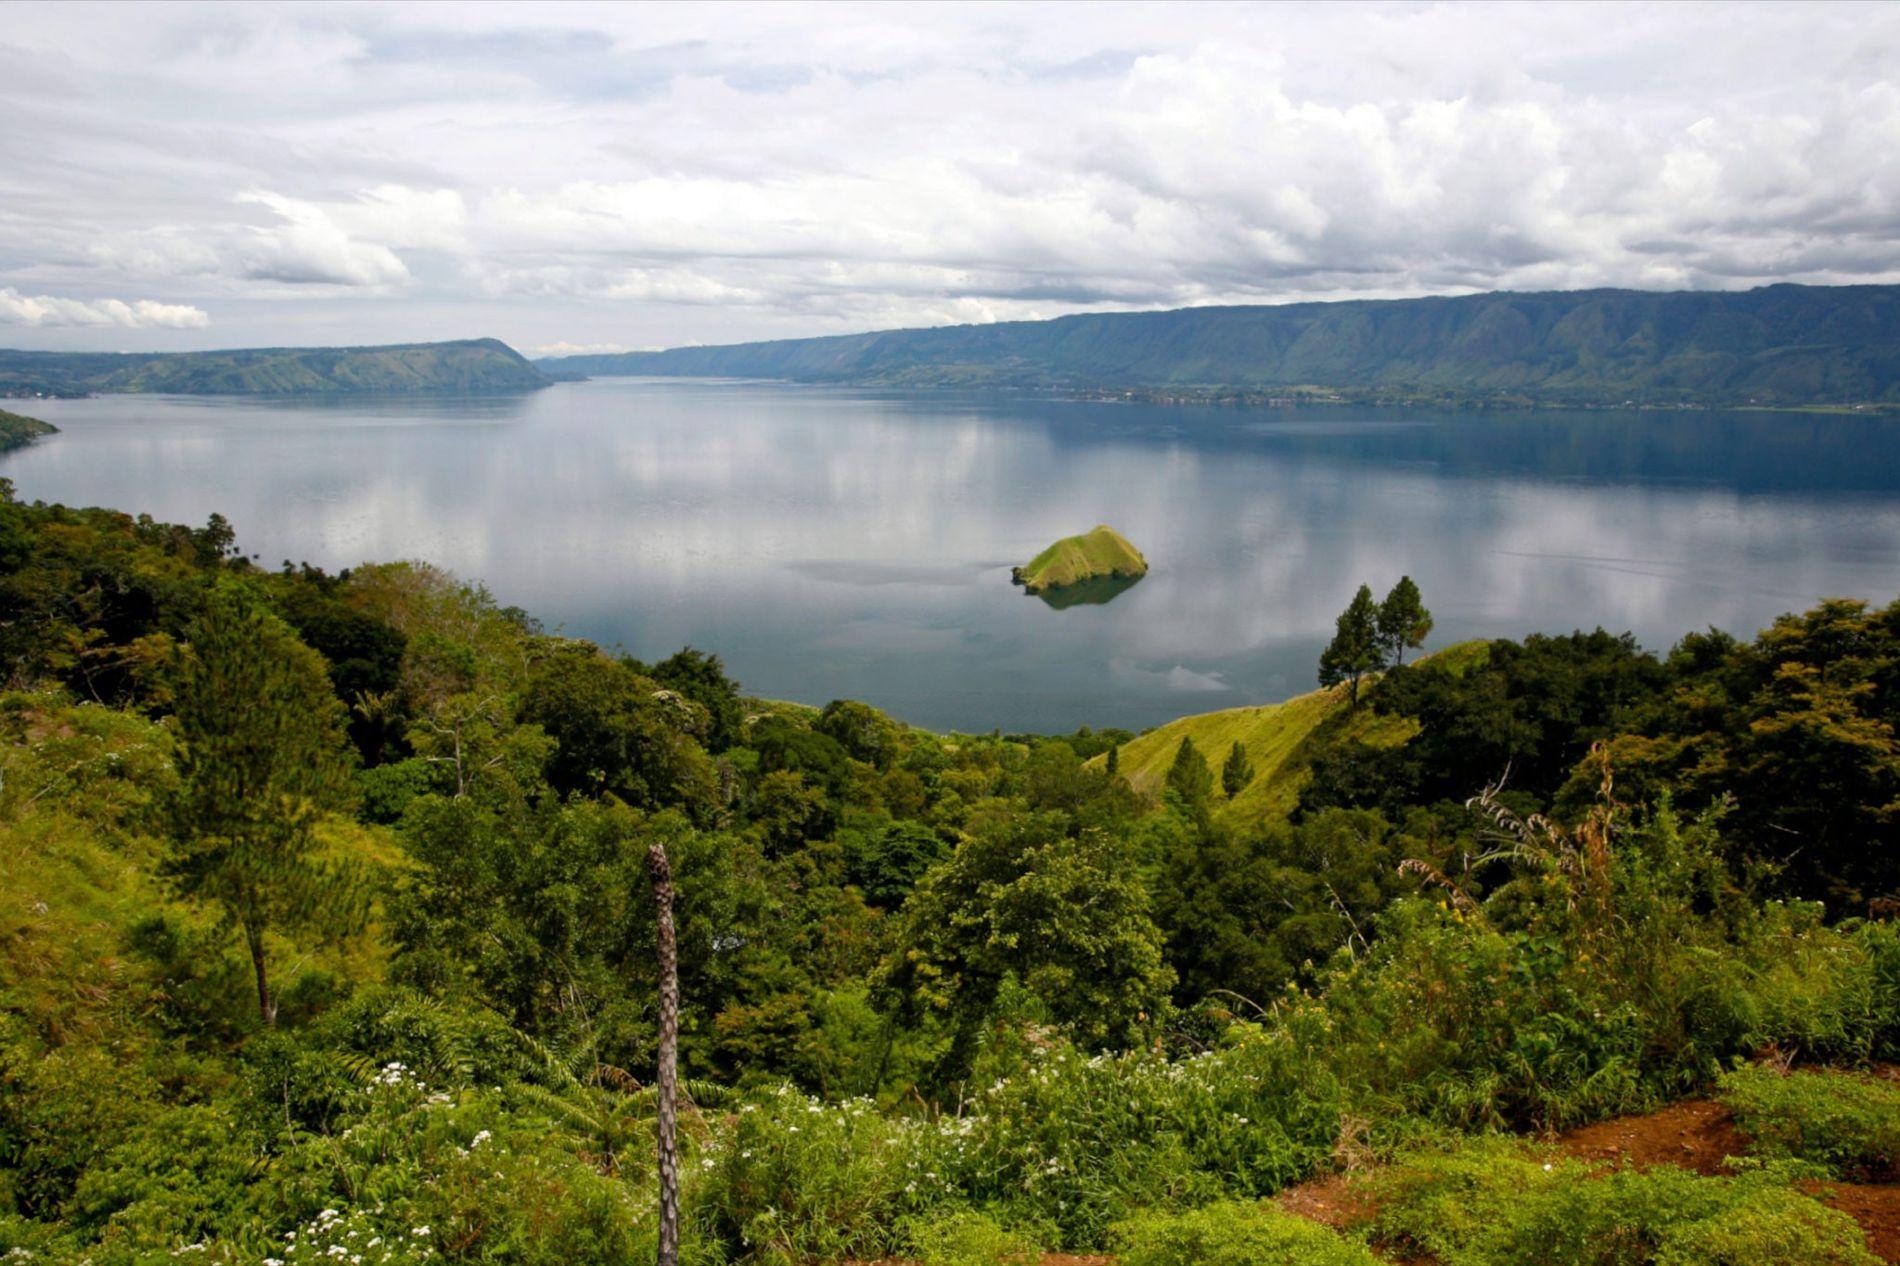 Vor etwa 74.000 Jahren ereignete sich der größte Vulkanausbruch der letzten zwei Millionen Jahre auf der Insel Sumatra. Dadurch entstand eine 100 Kilometer lange Caldera, in der sich mittlerweile ein großer Vulkansee befindet.